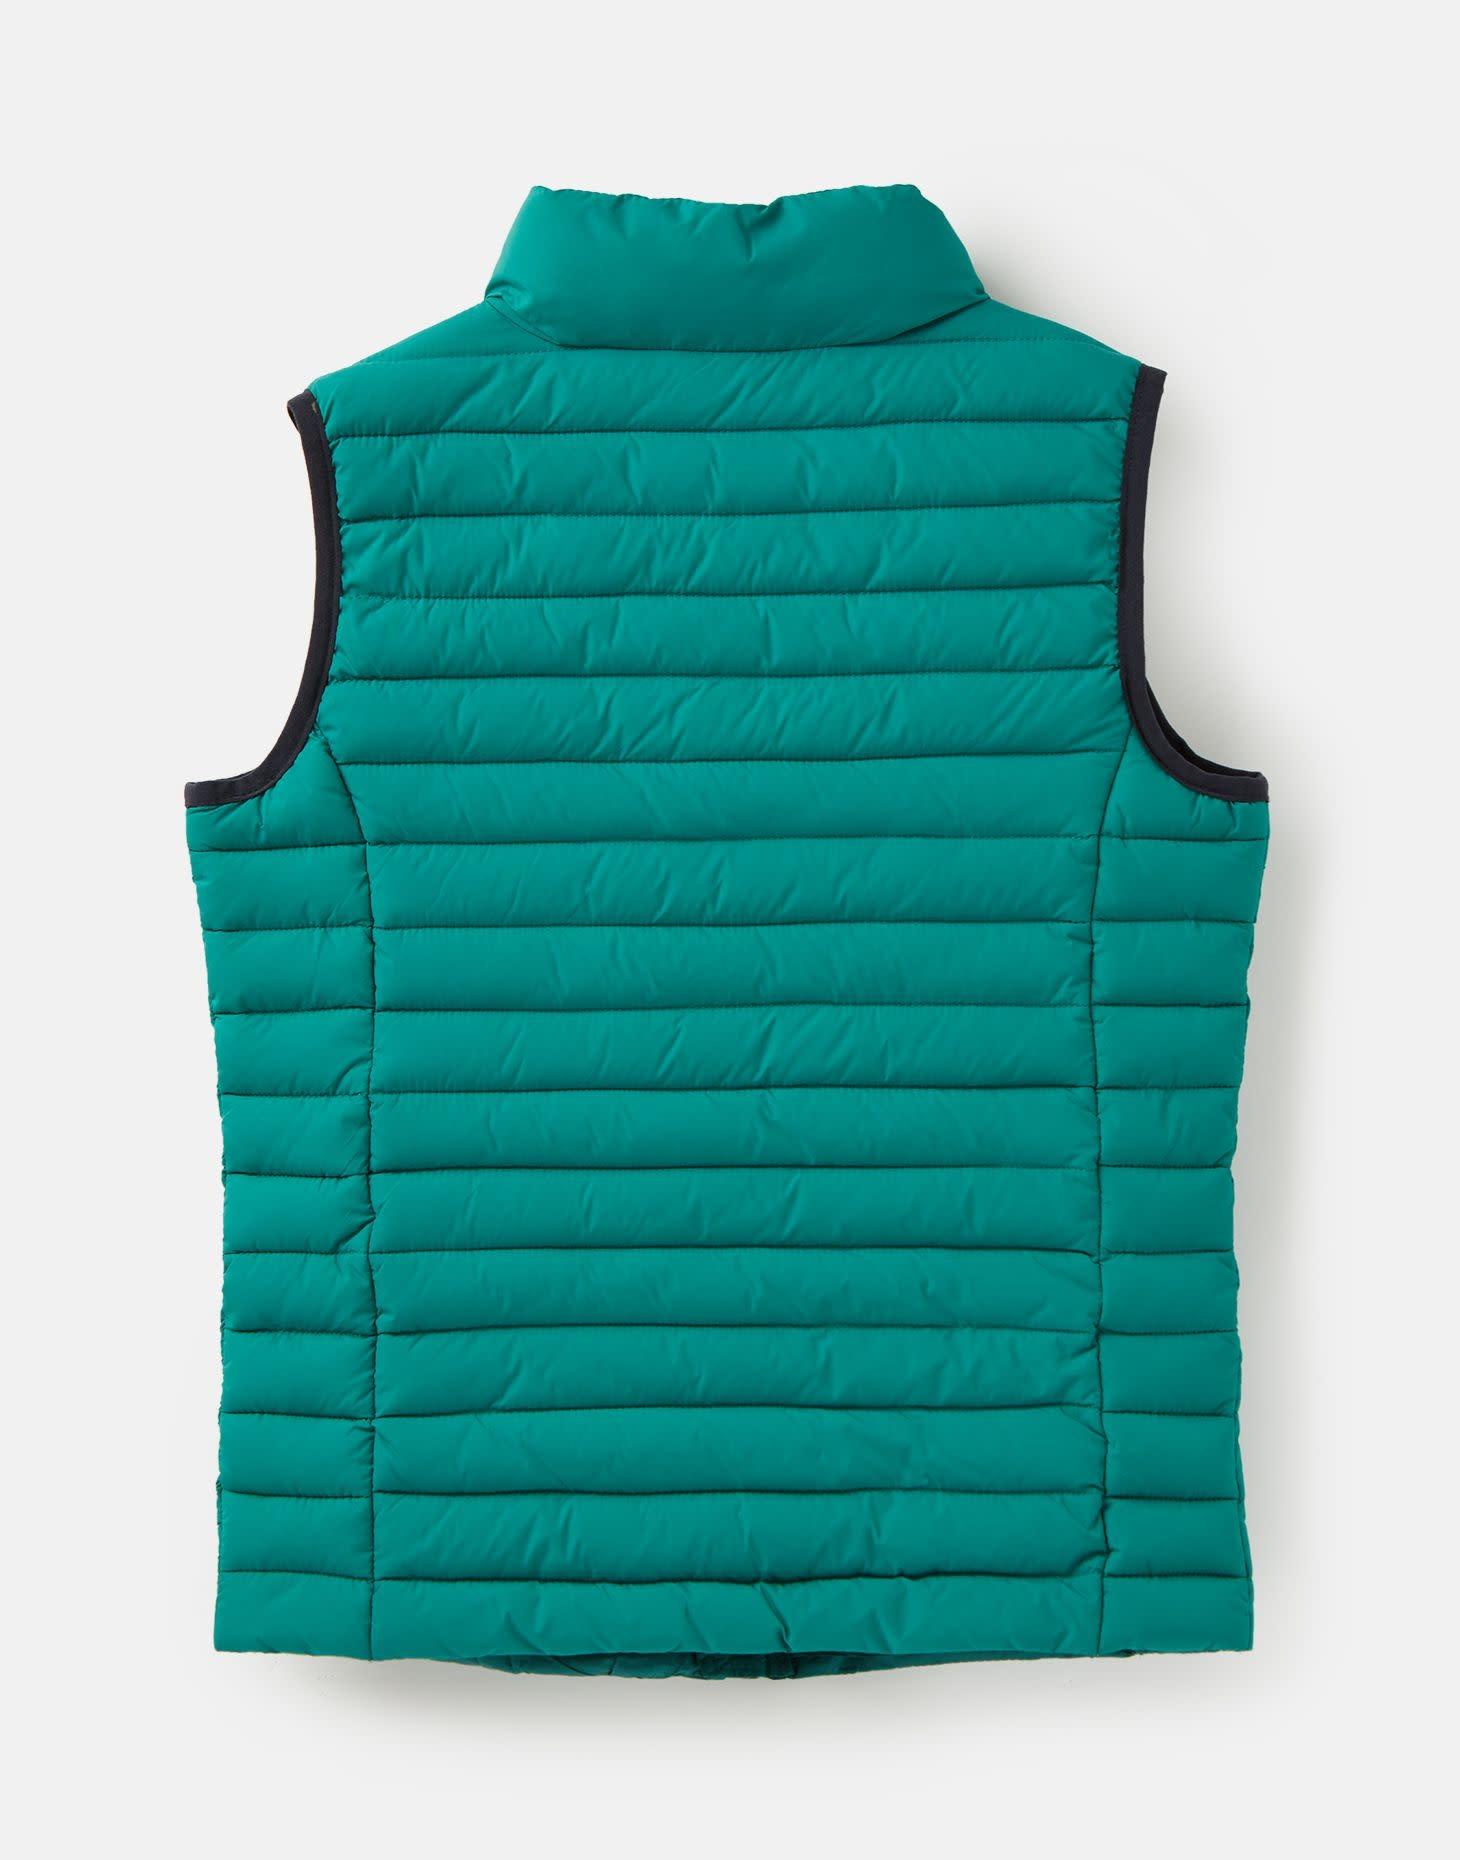 Joules Crofton Packaway Vest Turtle Green